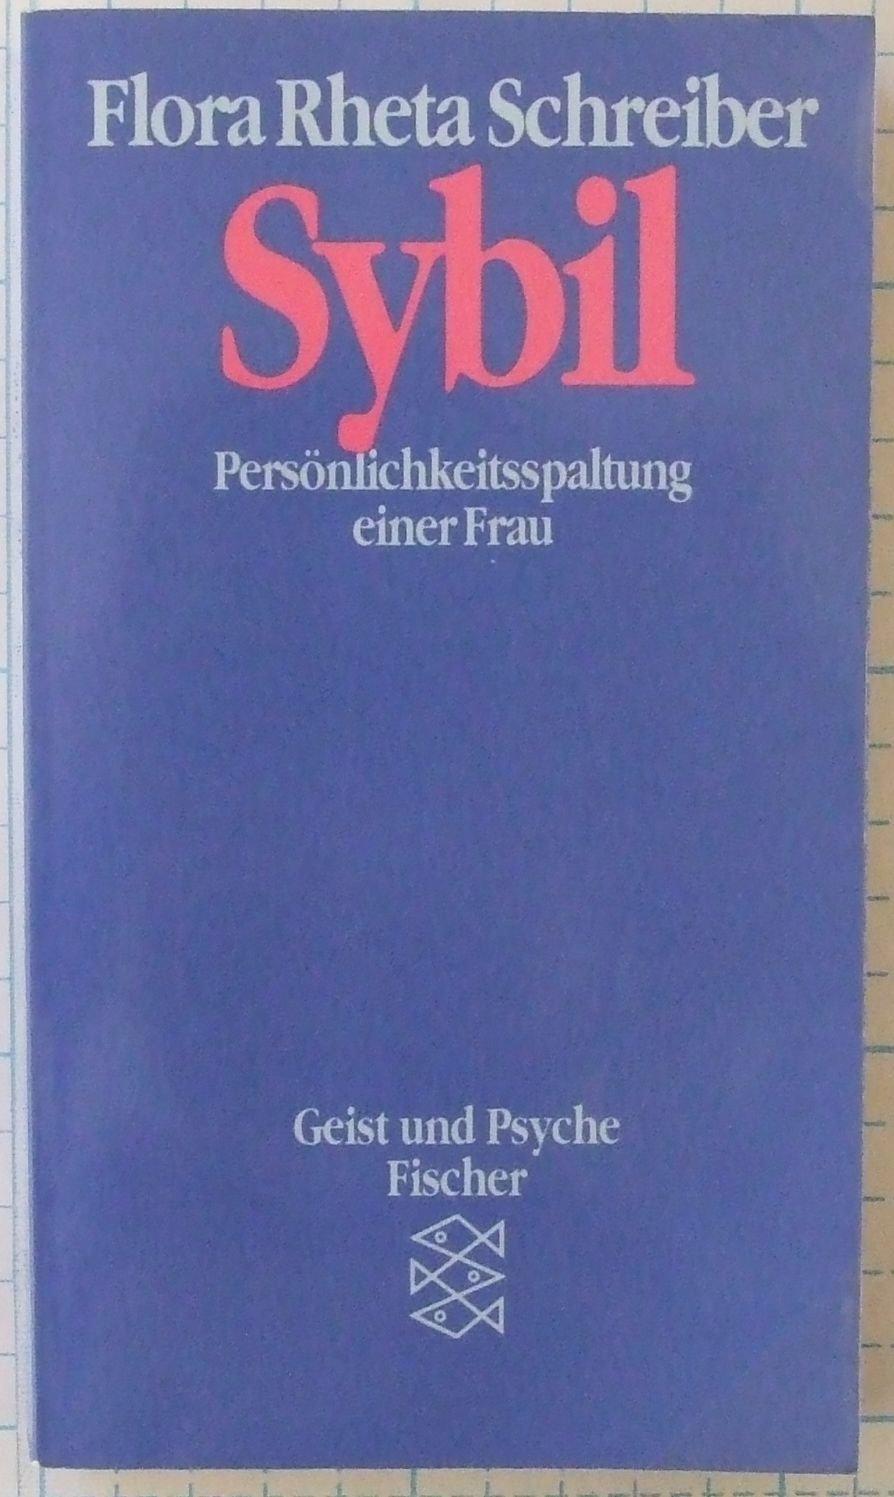 Sybil. Persönlichkeitsspaltung einer Frau